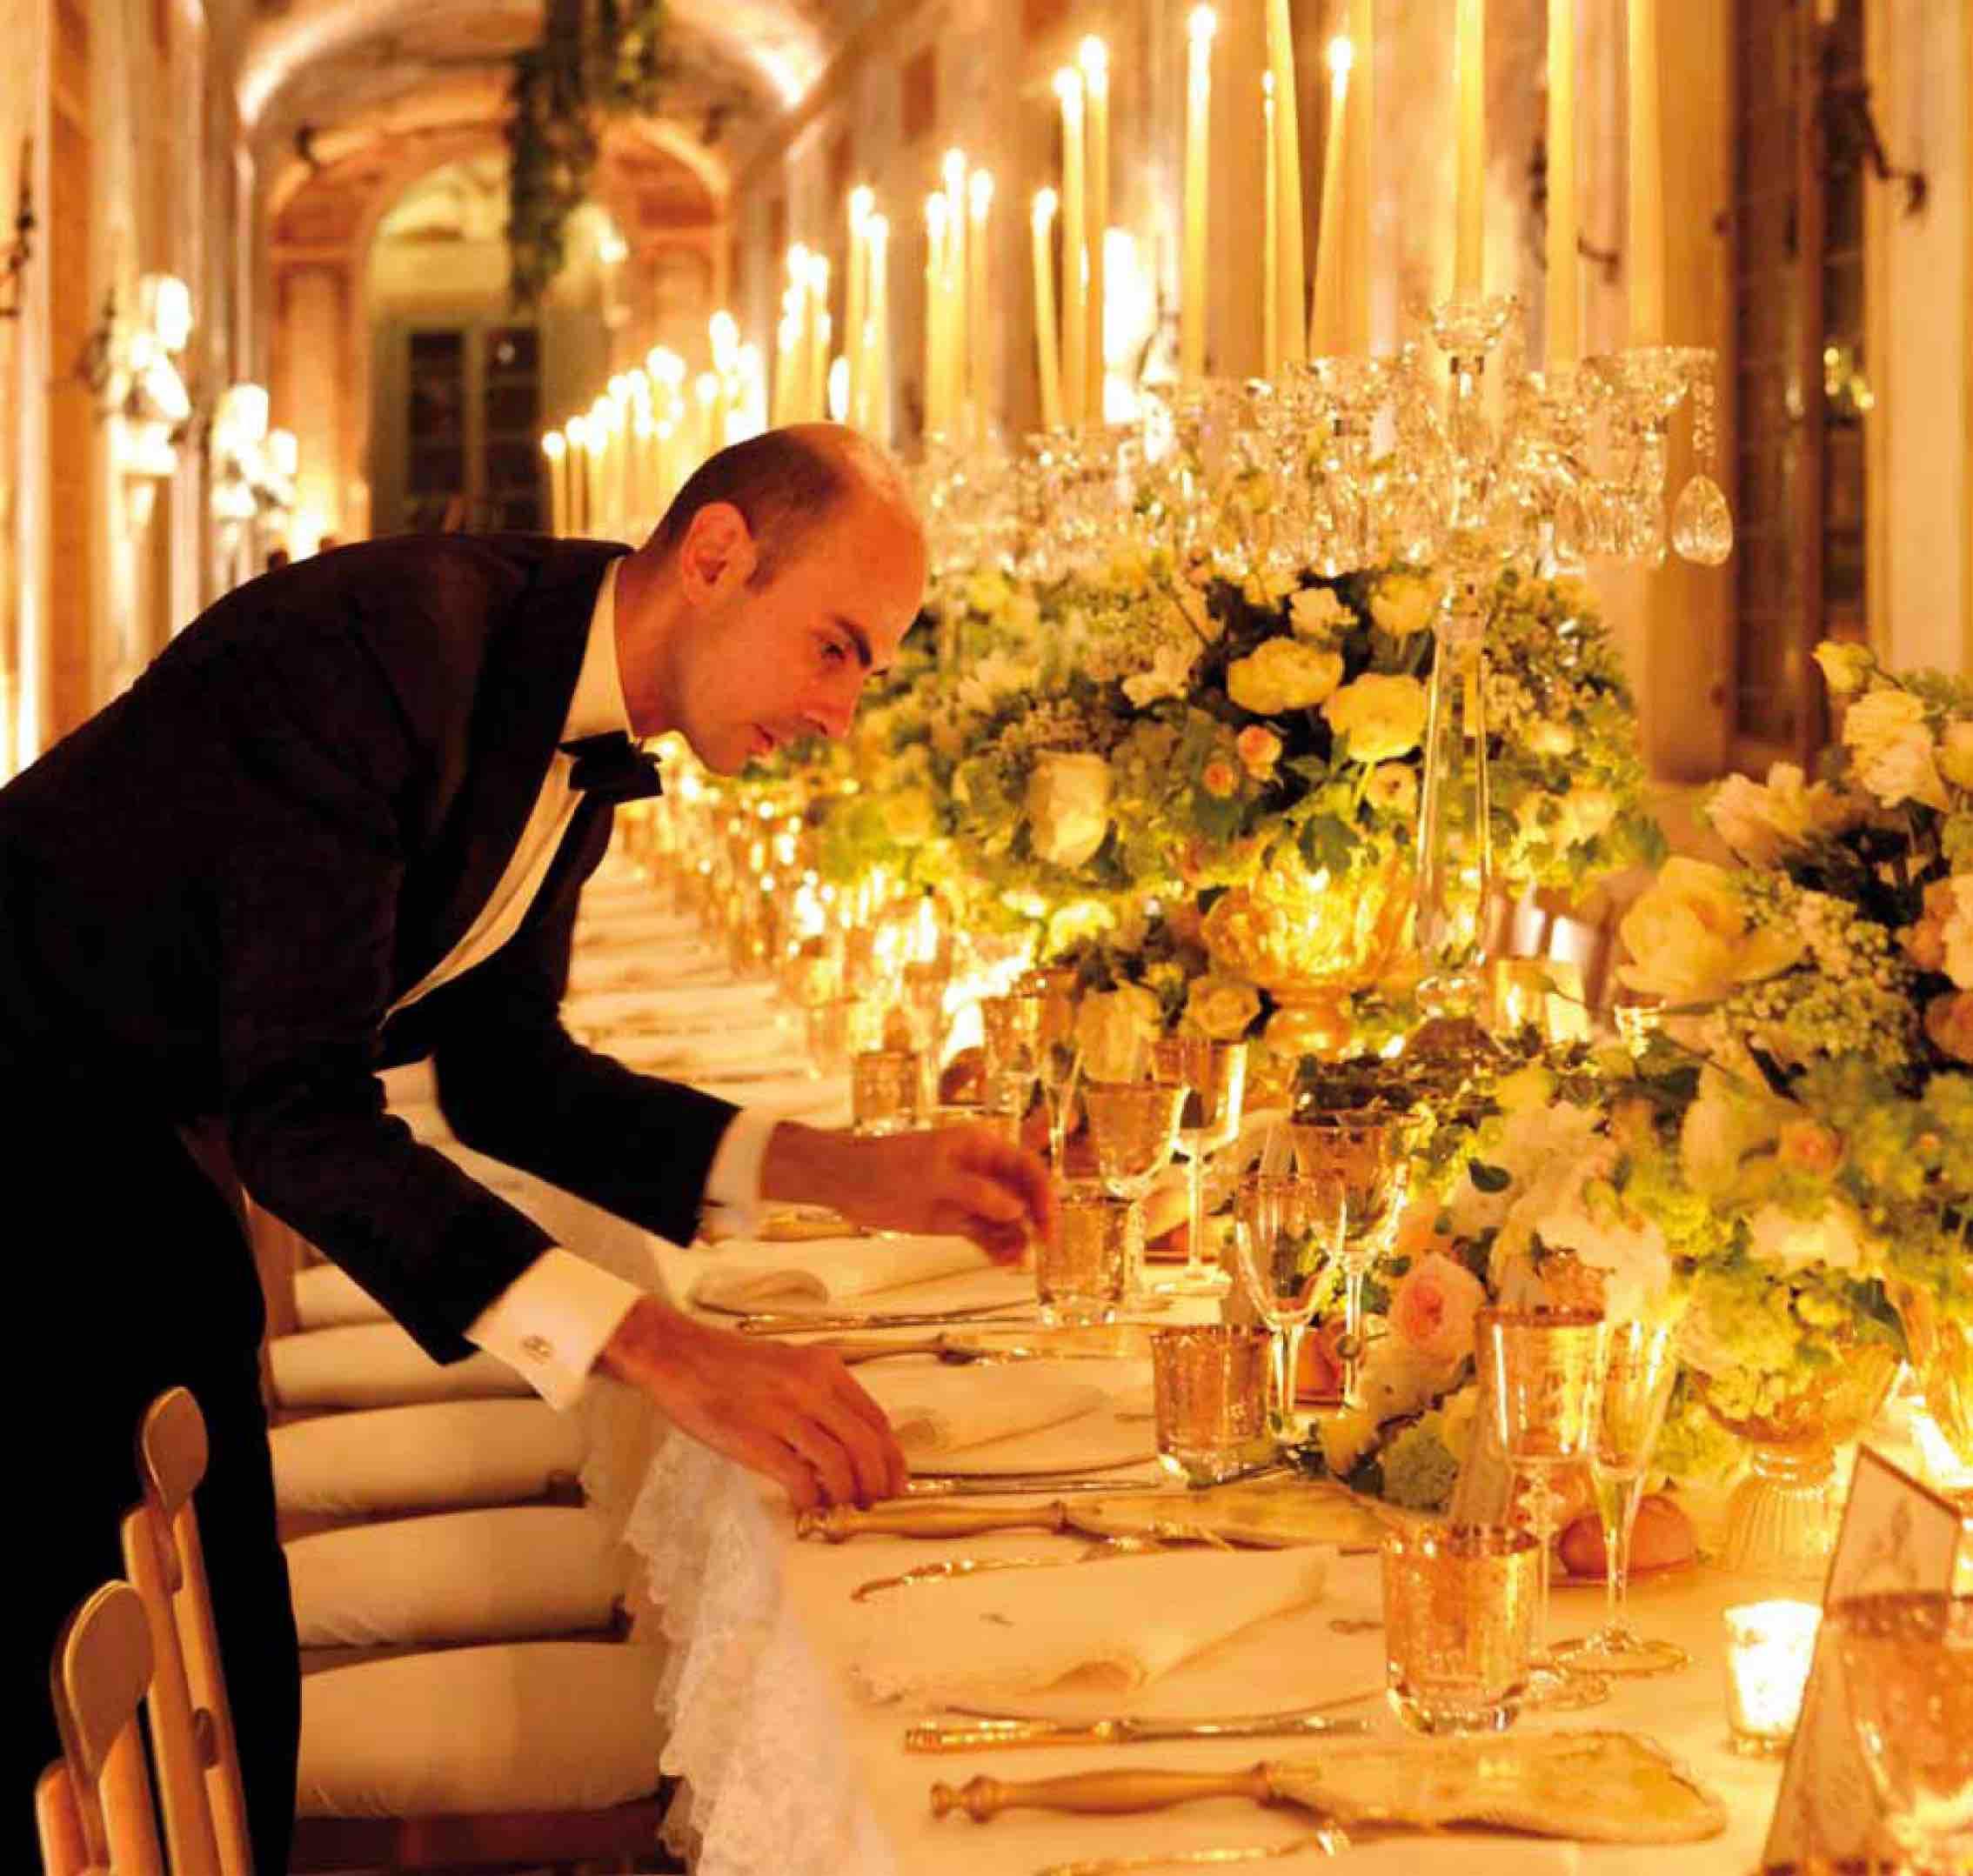 Matrimonio Natalizio Enzo Miccio : Enzo miccio il re dei wedding planner quot milano è la mia